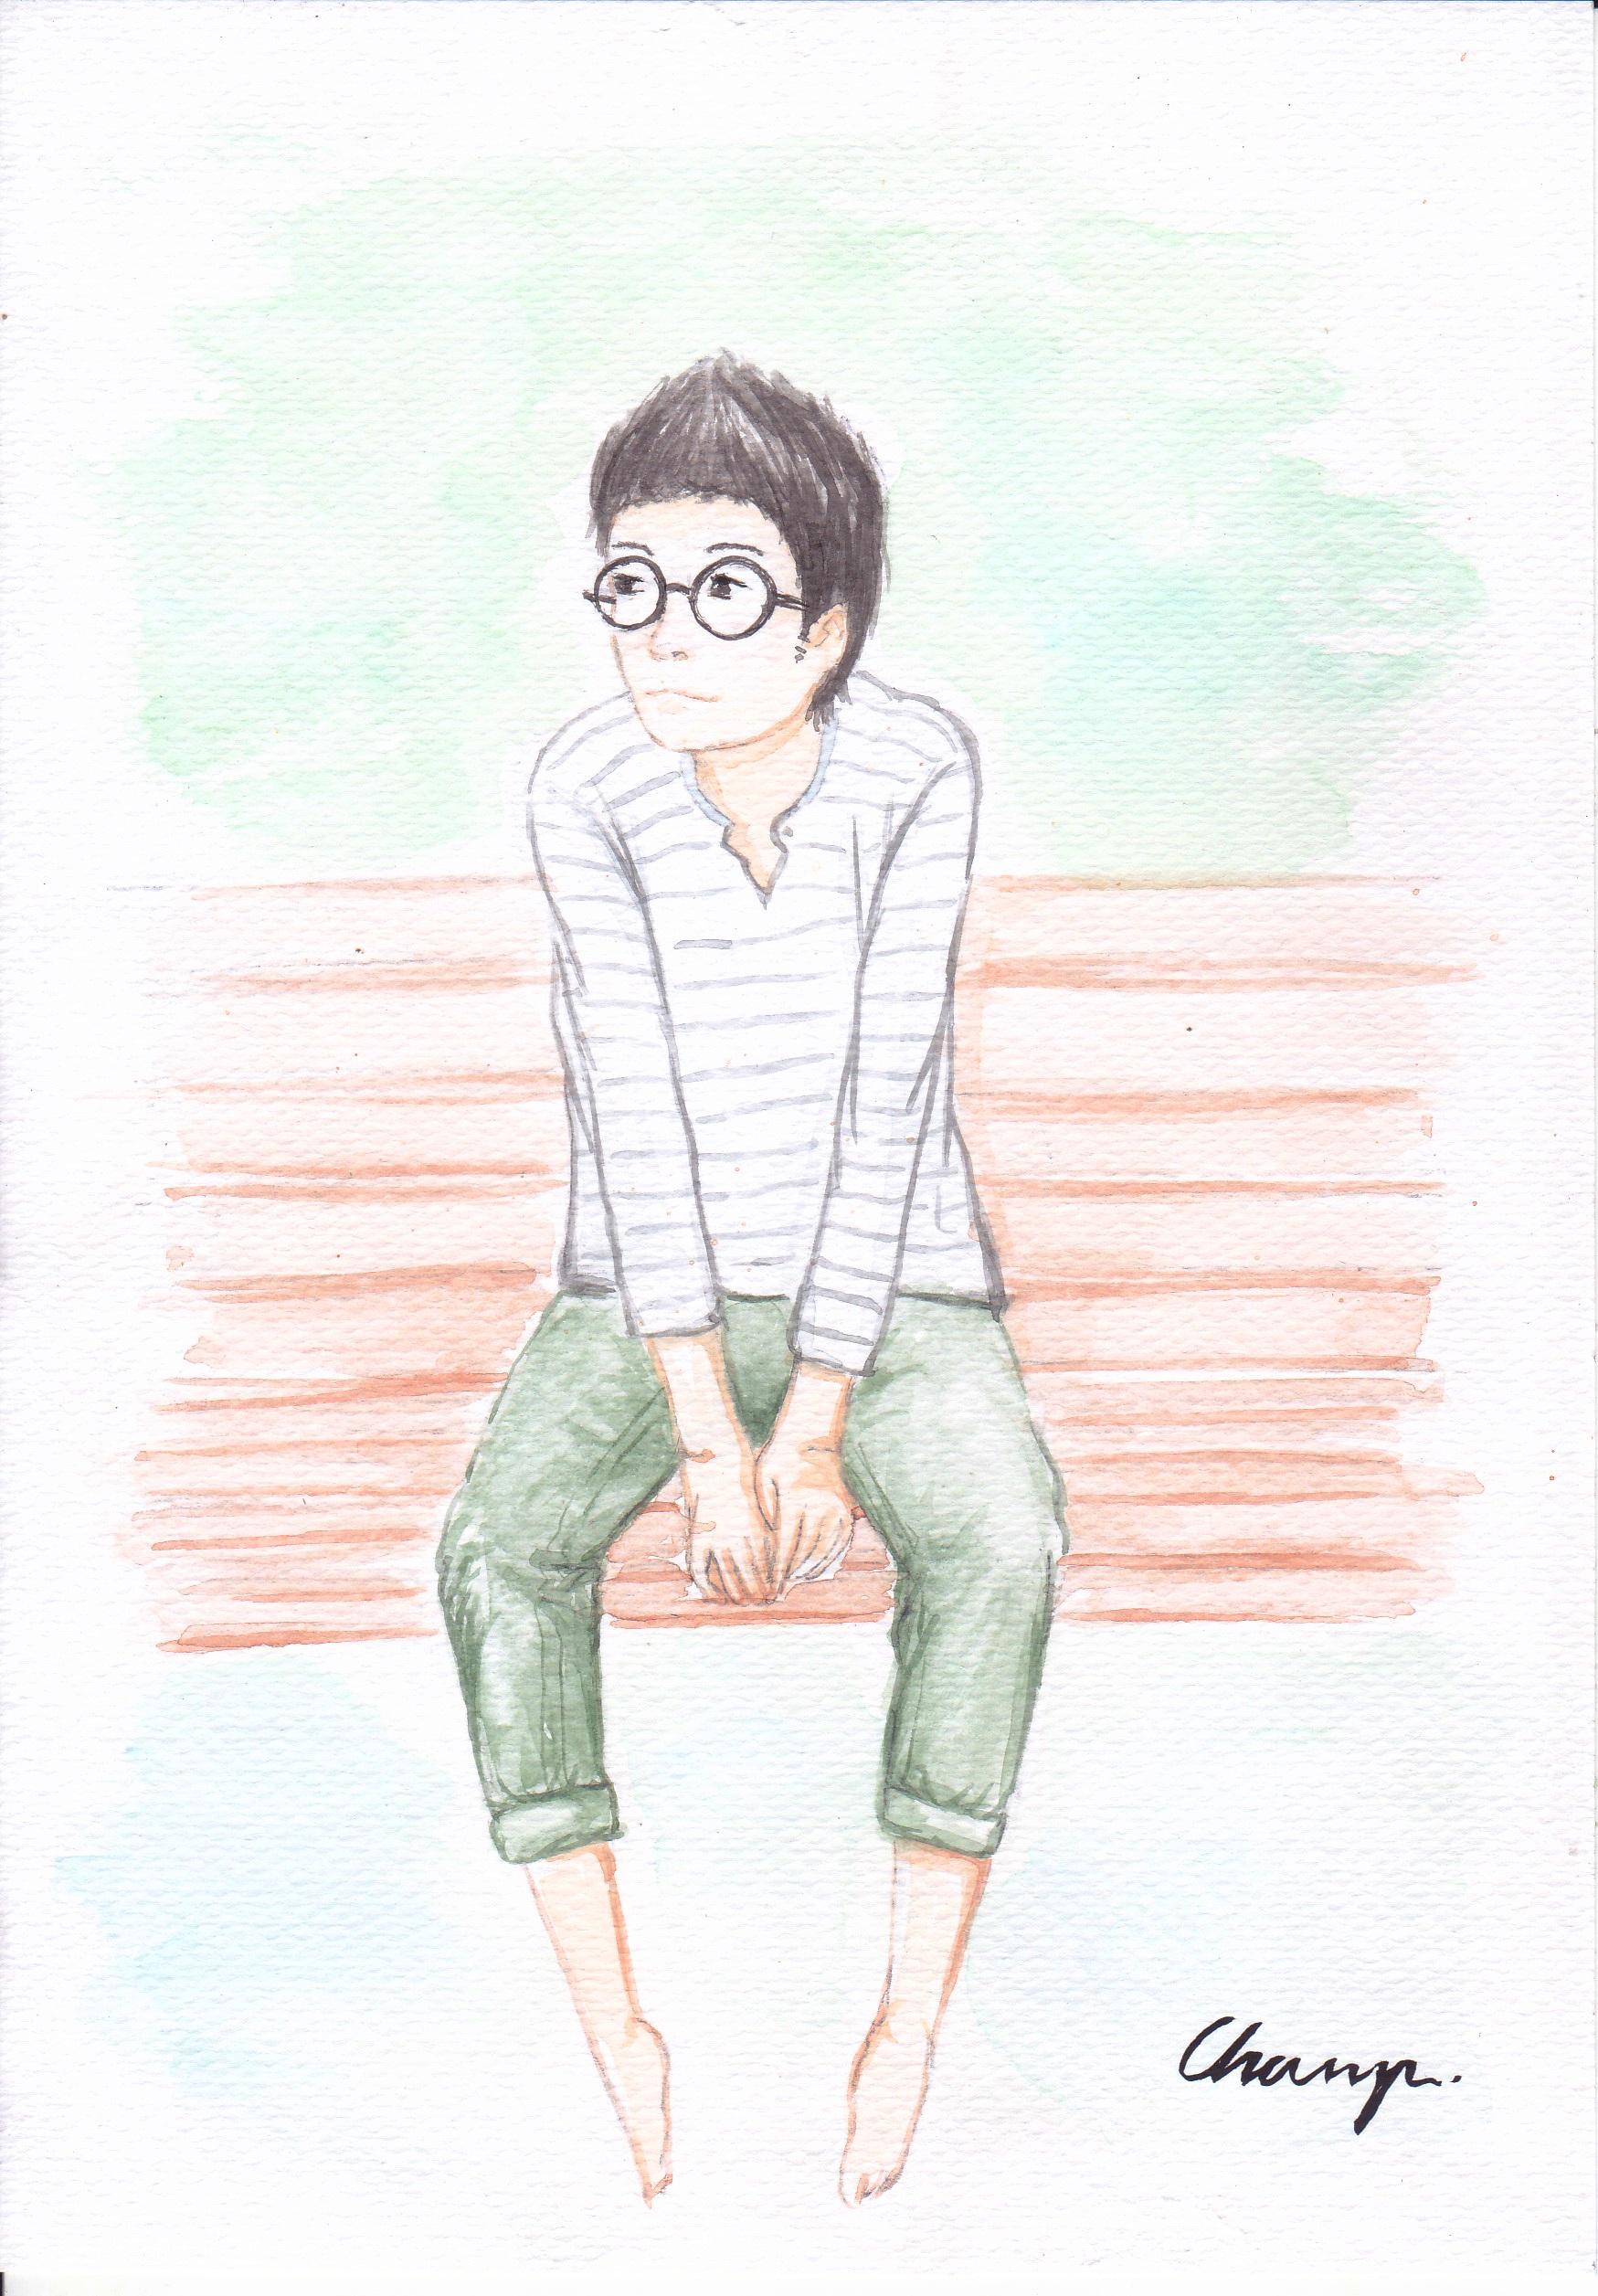 Gambar Kursi Muda Lukisan Sketsa Ilustrasi Anak Laki Laki